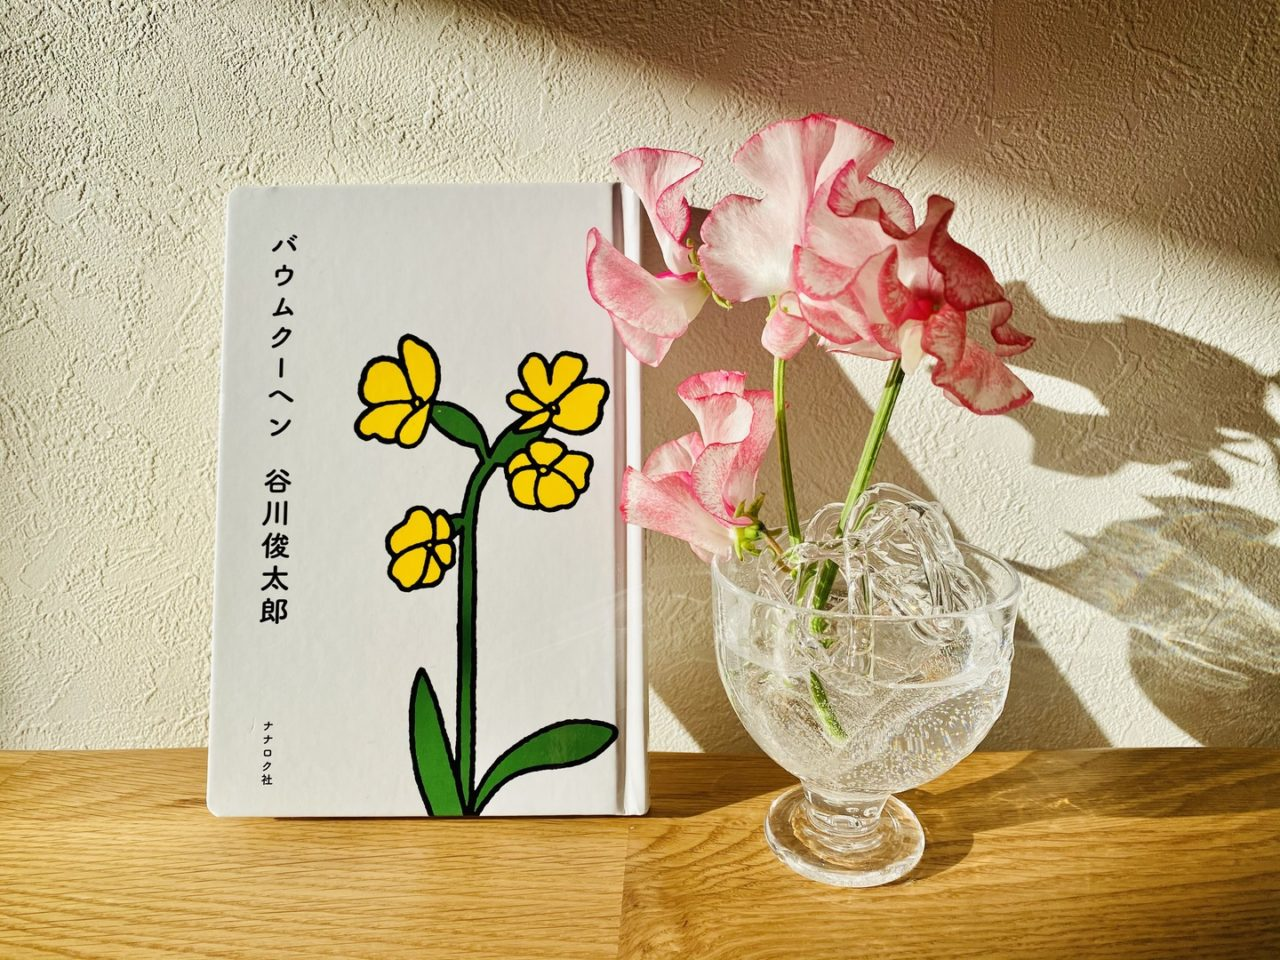 詩集とピンク色の花の画像